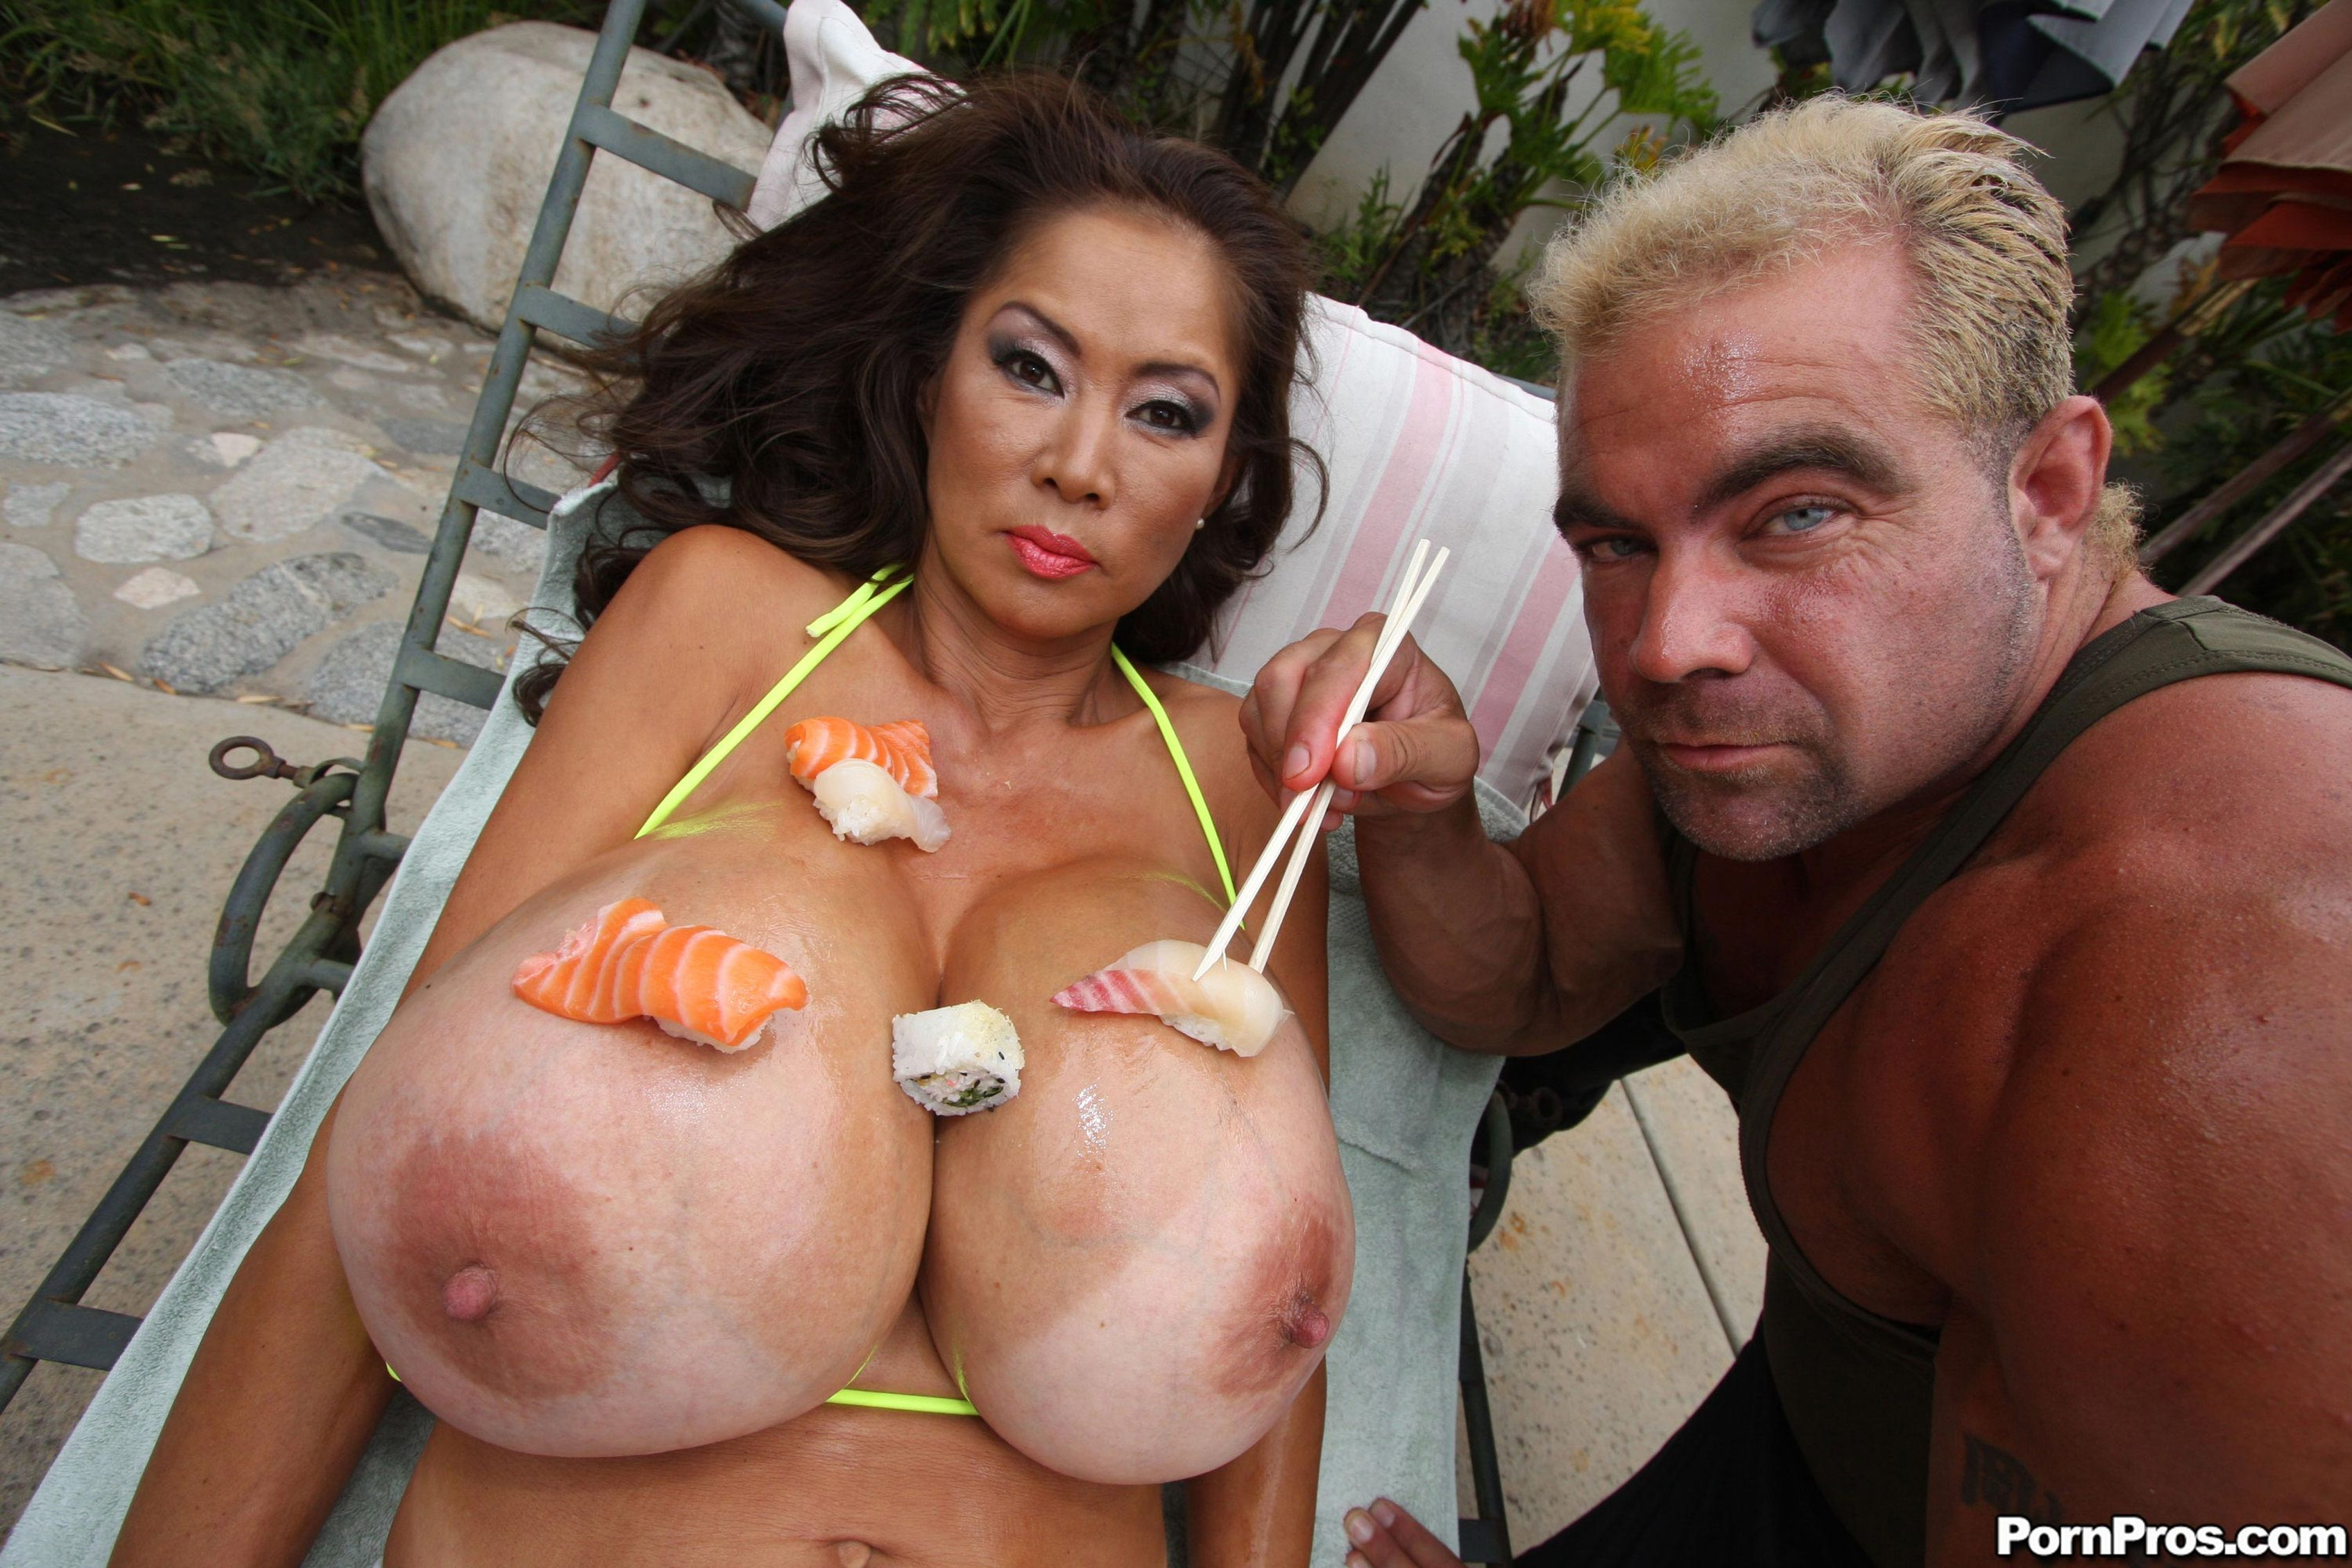 Японки с большими сиськами сосут порно 12 фотография